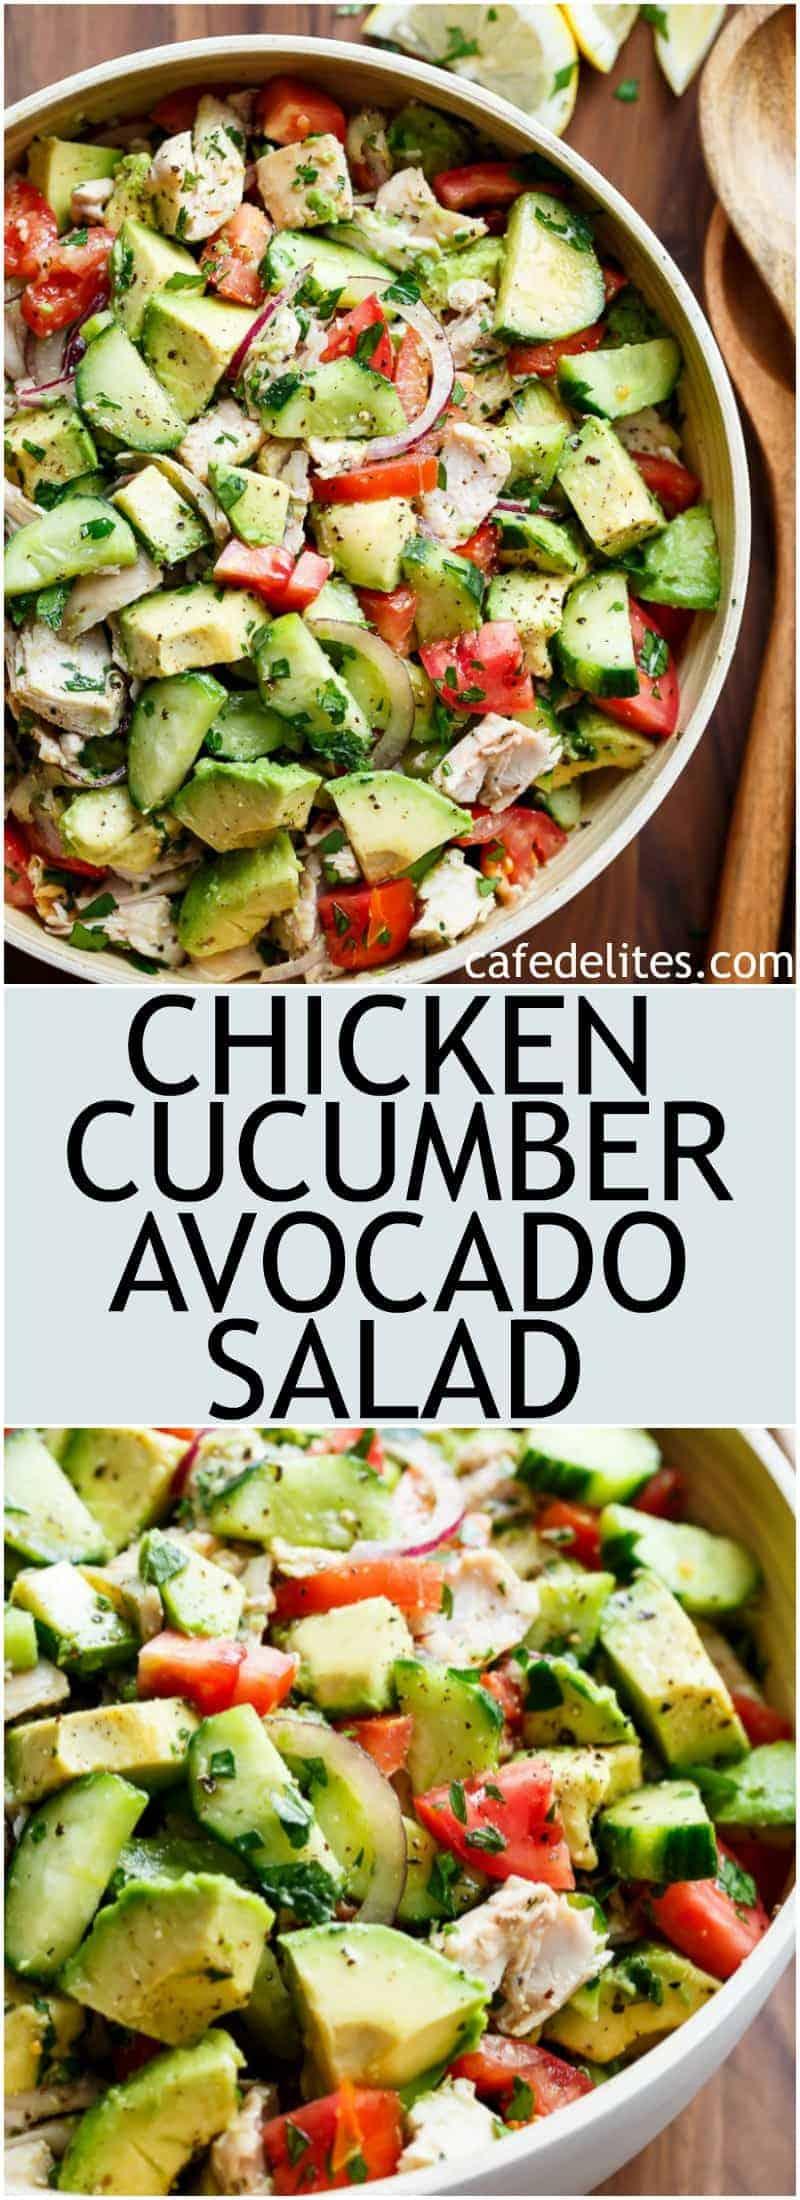 Chicken Cucumber Avocado Salad No Cook Cafe Delites